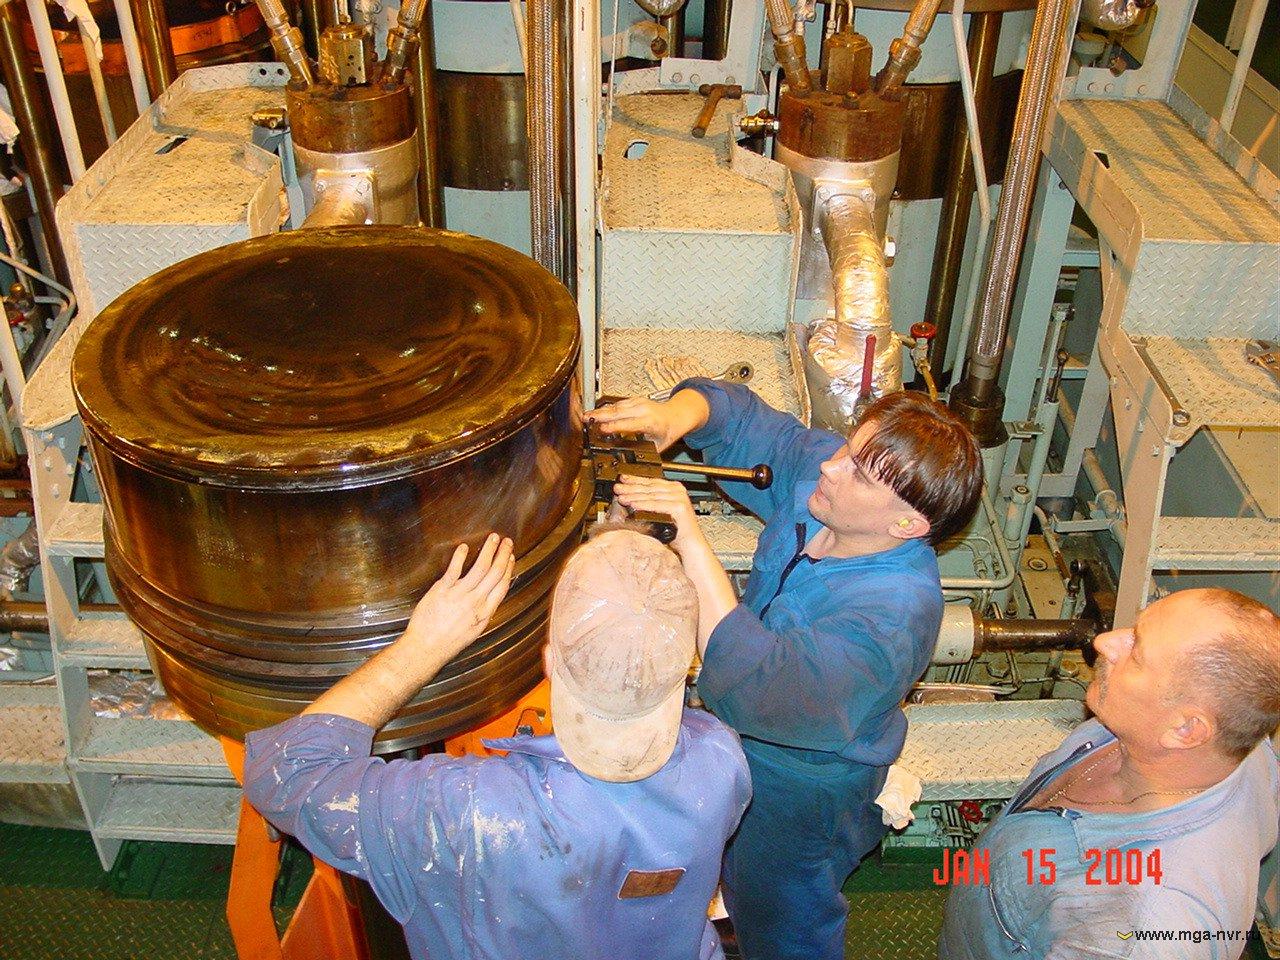 Морская плавательная практика Тип судна dnv a1a Танкер для нефти esp Верфь судостроитель hyundai heavy industries co Улсан Сев Корея Дедвейт 159000 тонн